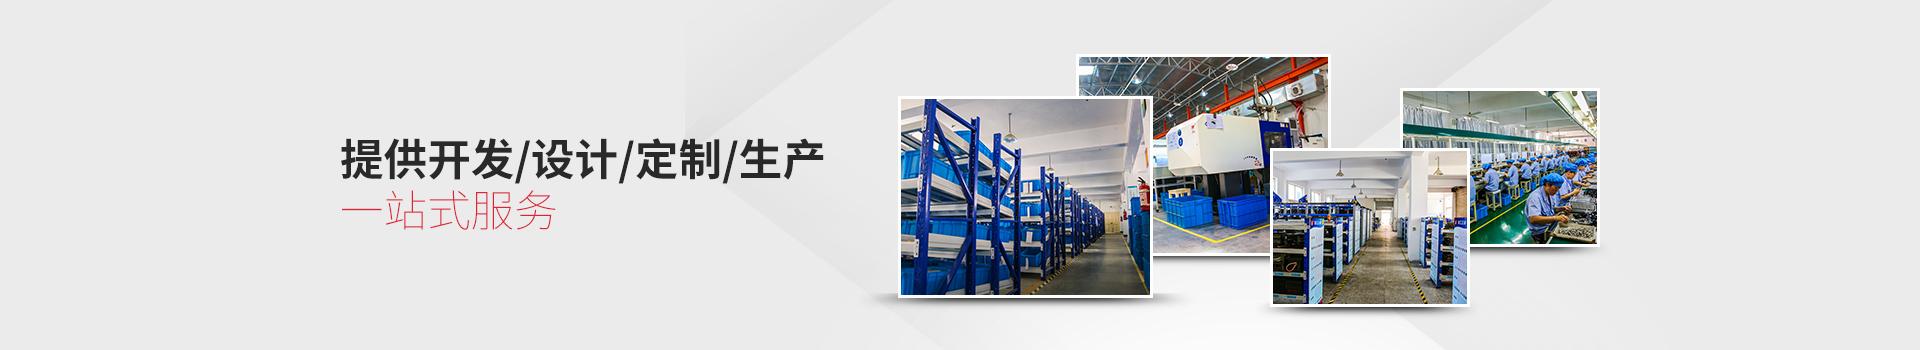 正宝科技-提供开发、设计、定制、生产一站式服务